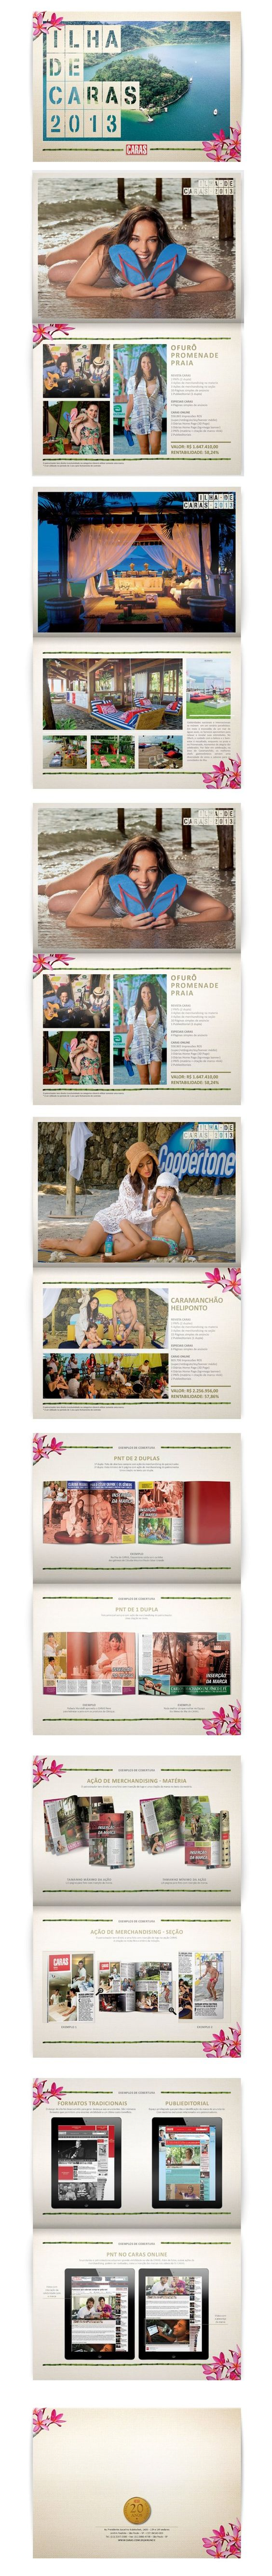 _Ilha de Caras 2013